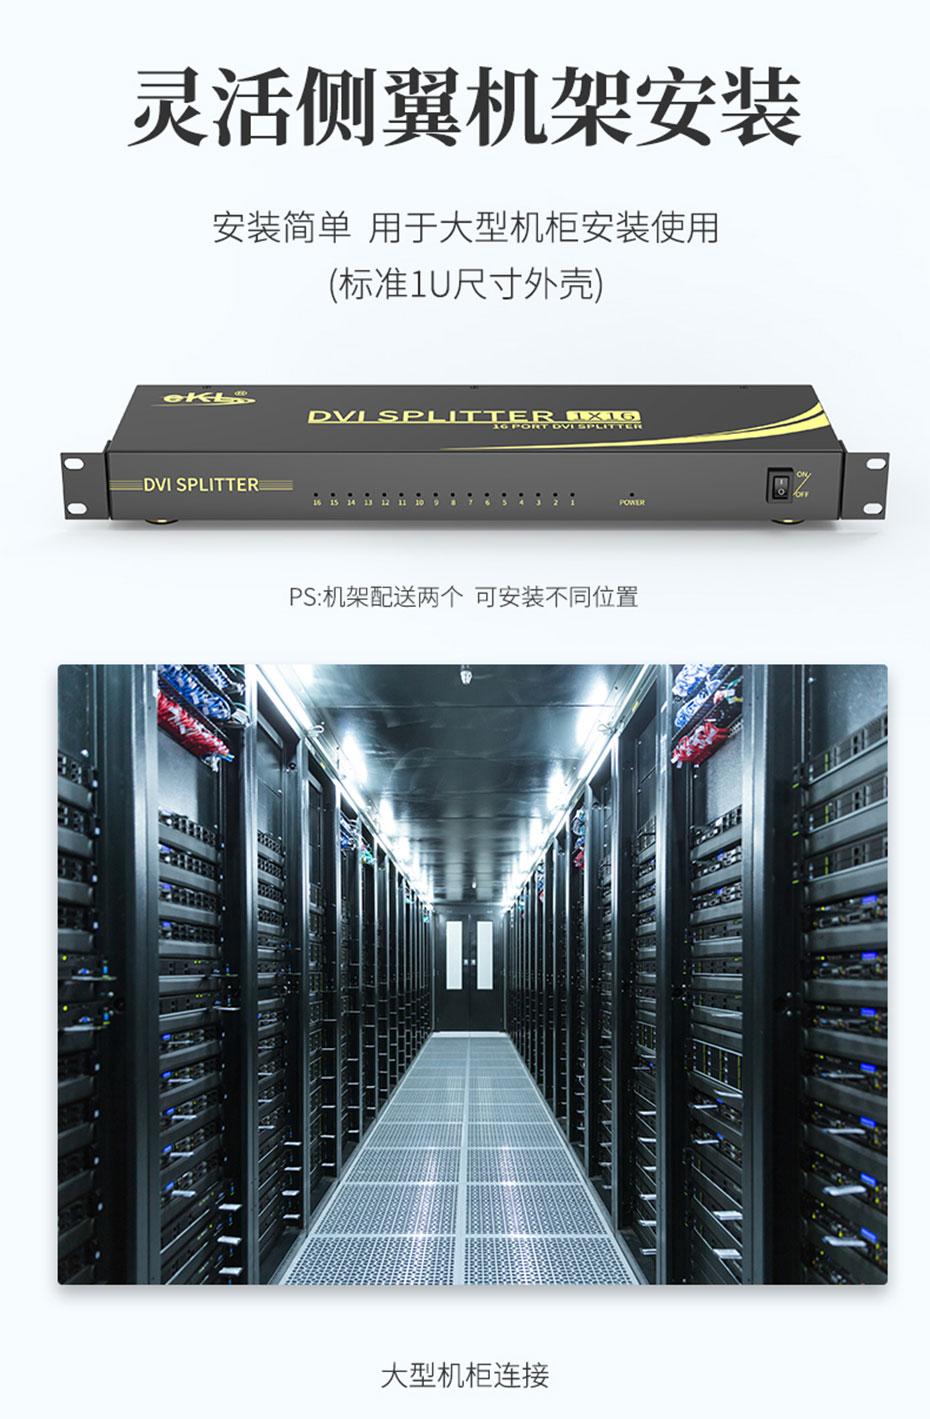 DVI分配器一进十六出161D支持机架式安装